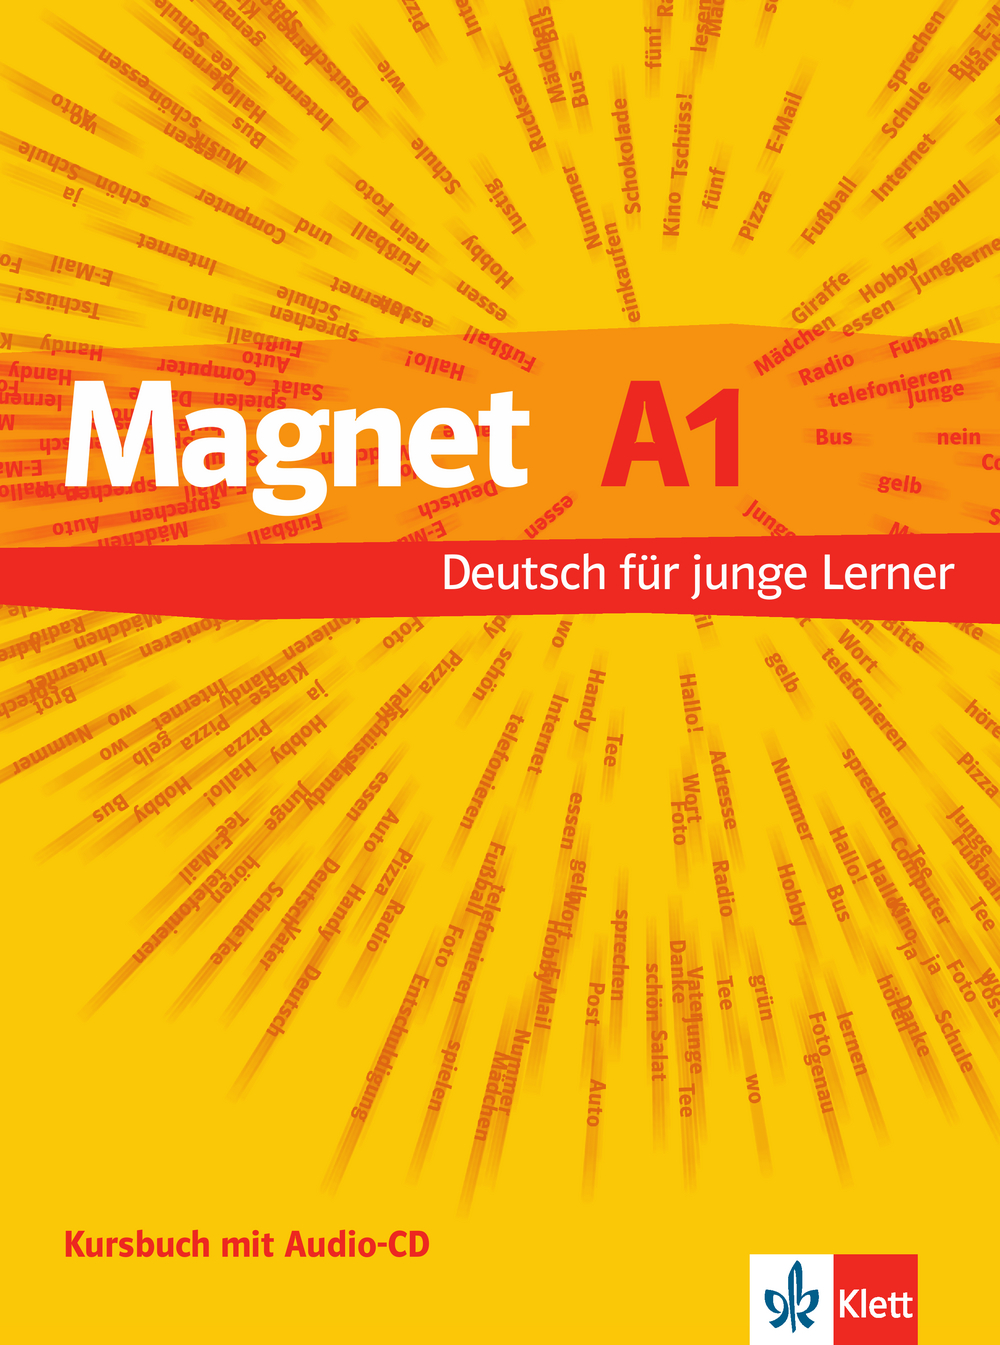 Magnet A1